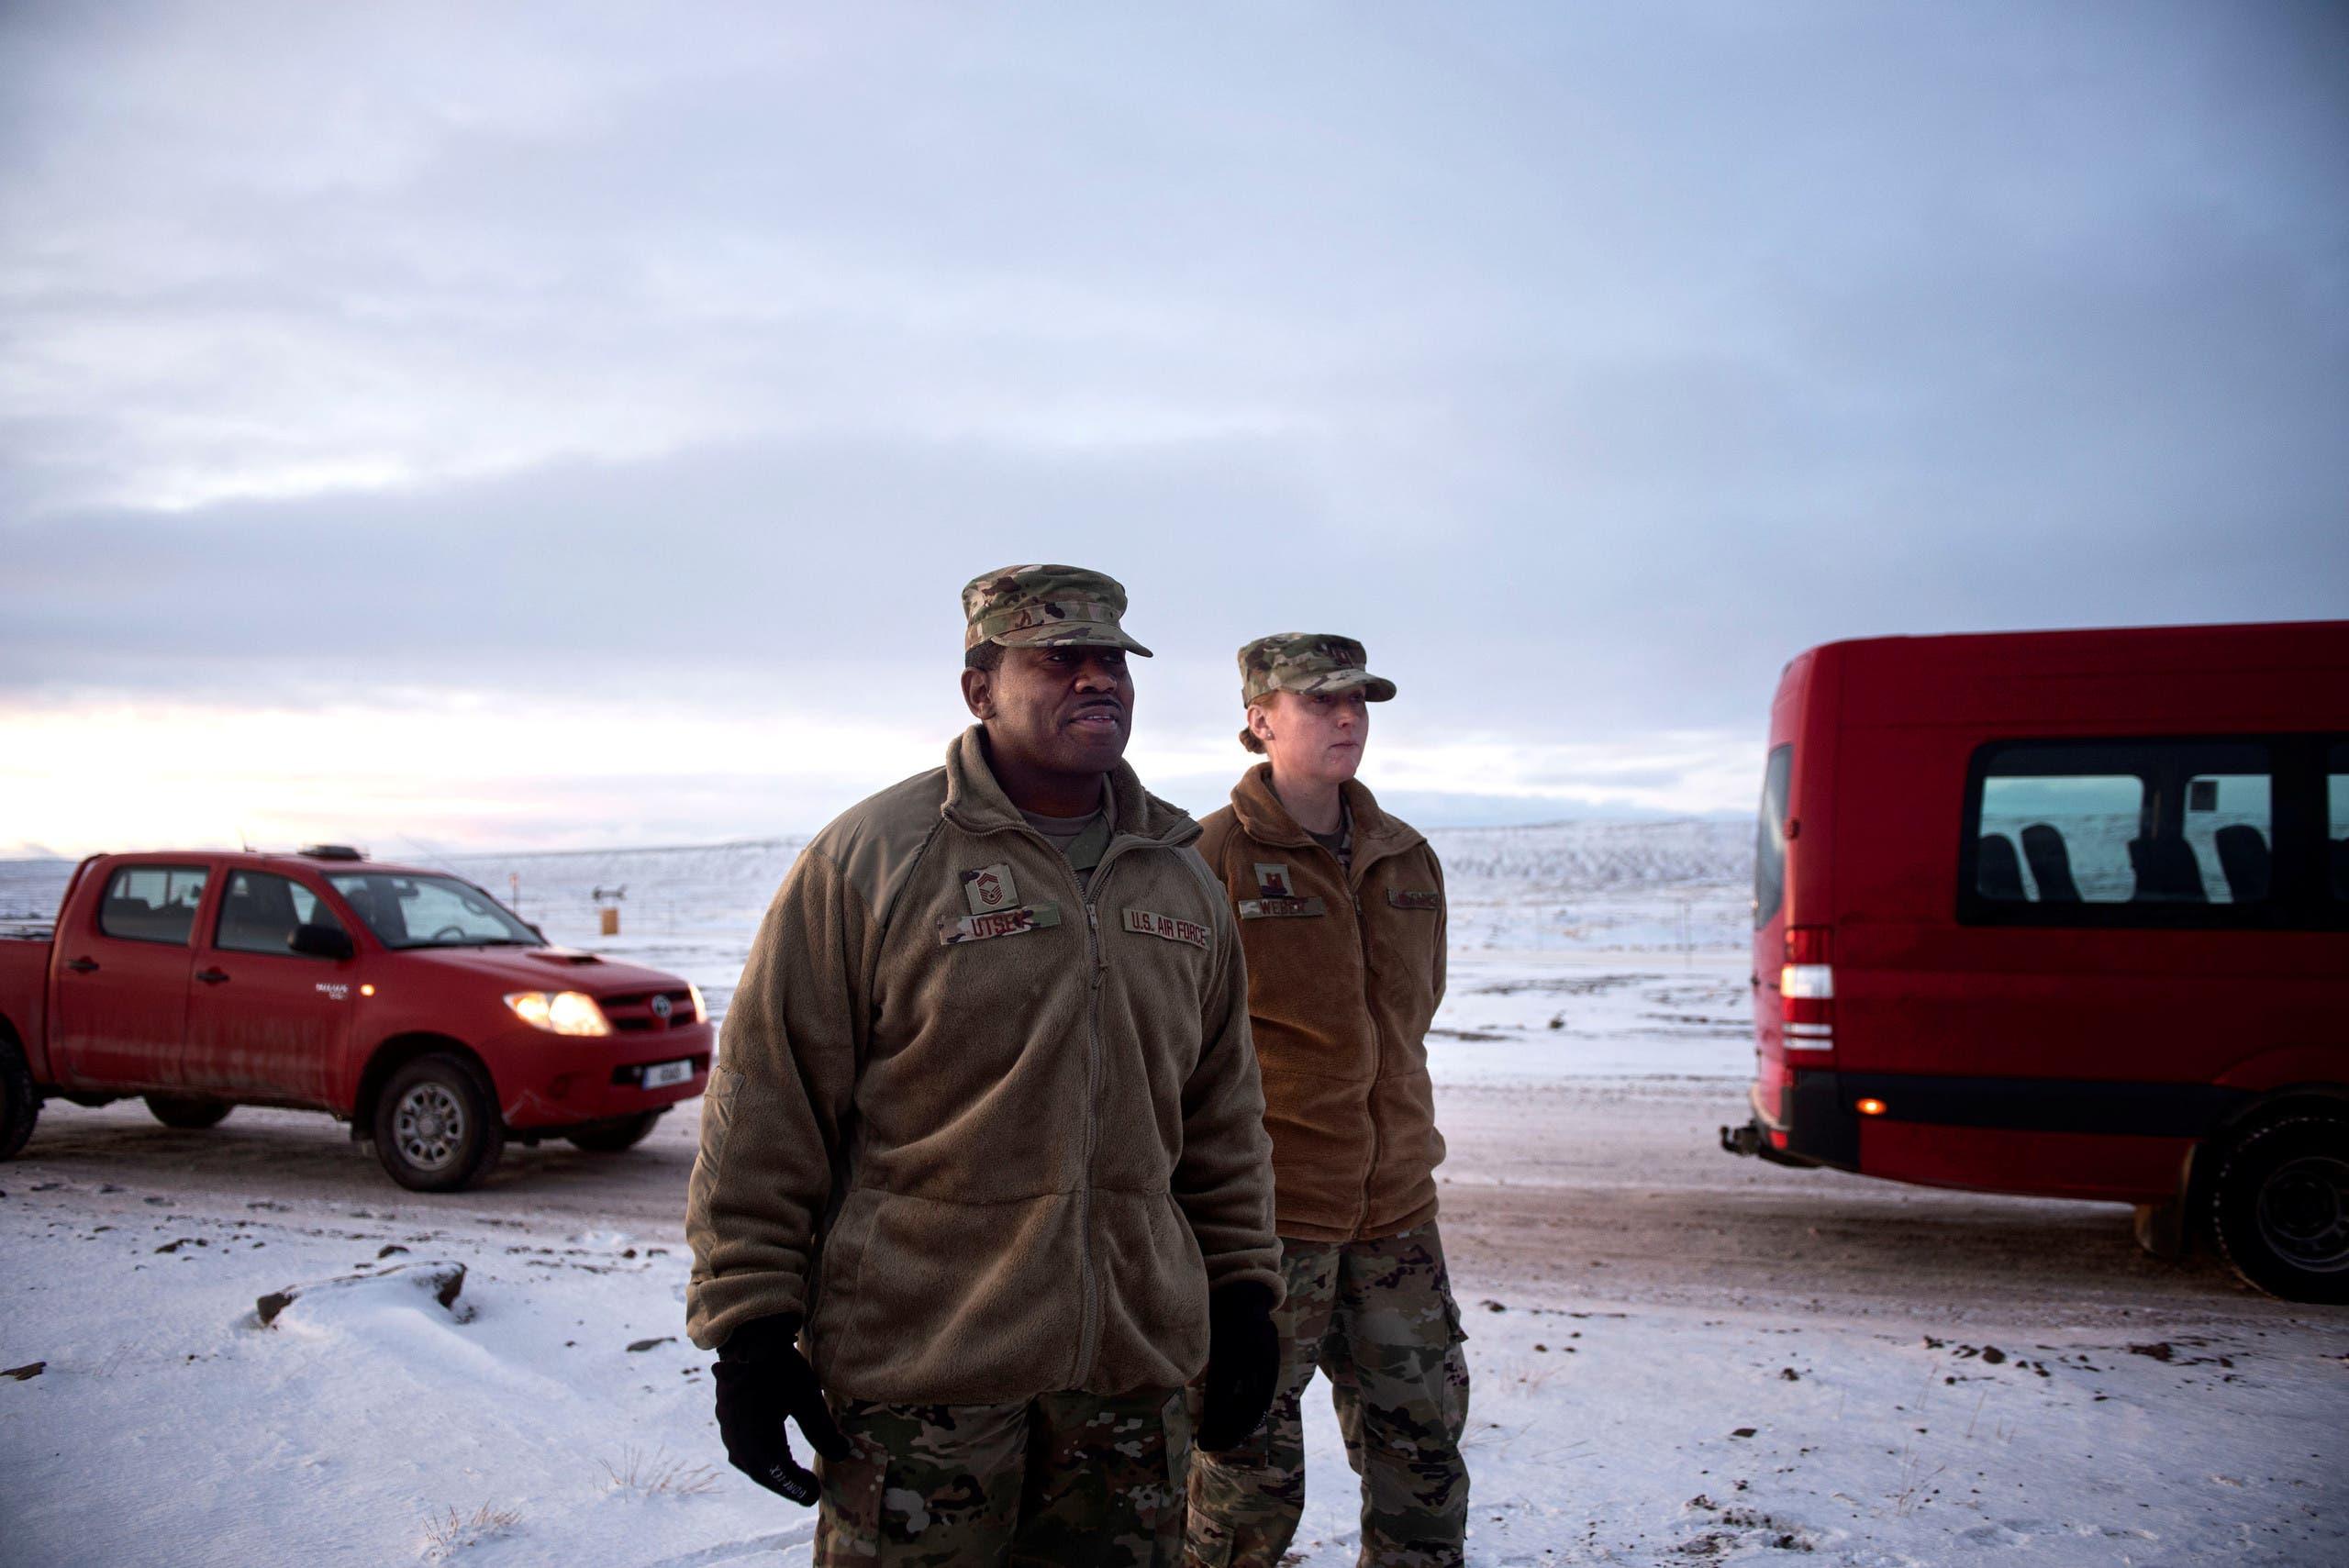 جنود أميركيون في قاعدة في غرينلاند